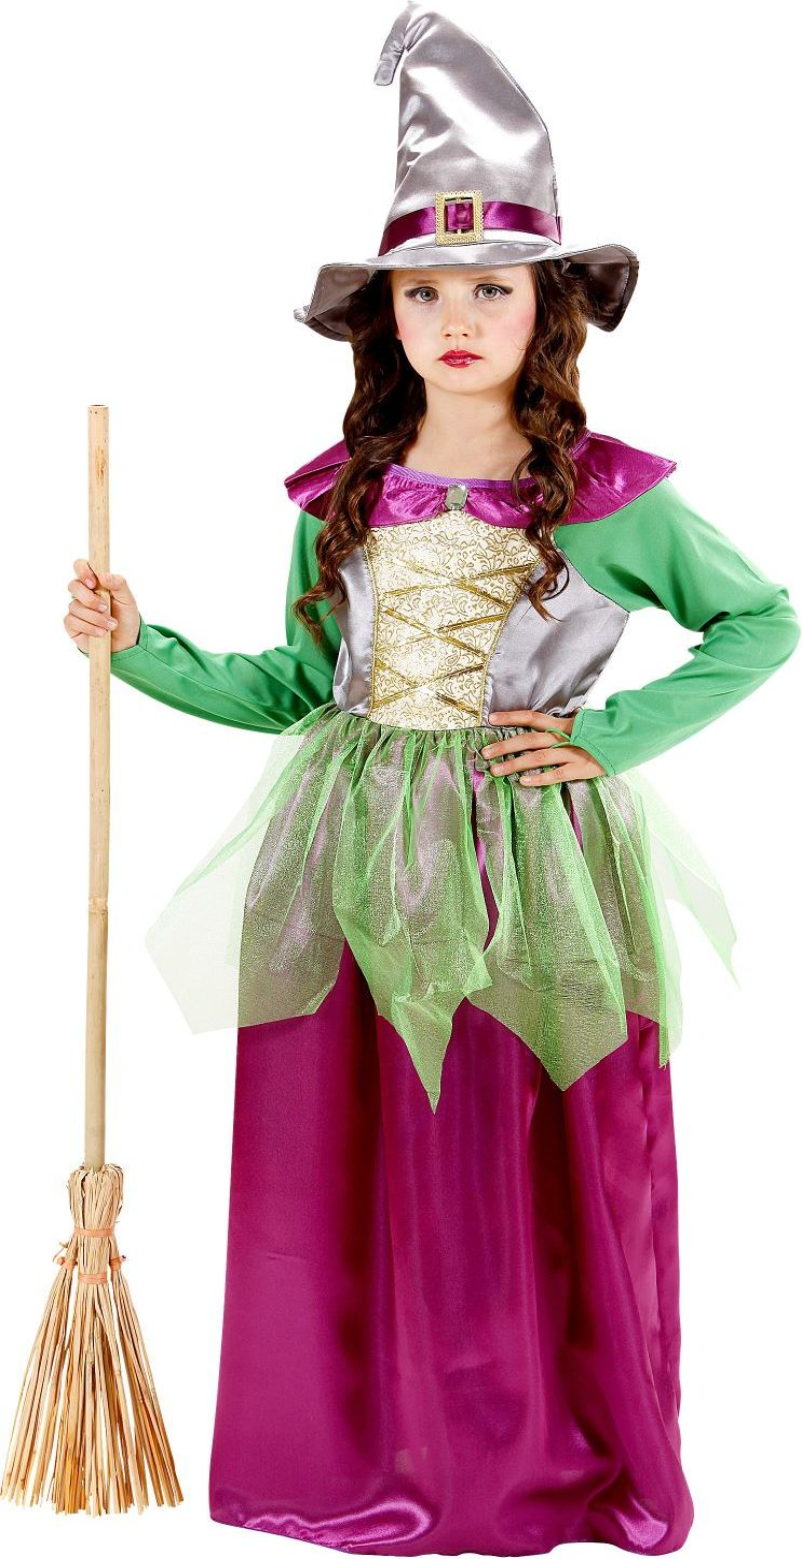 Heksen meisjes outfit